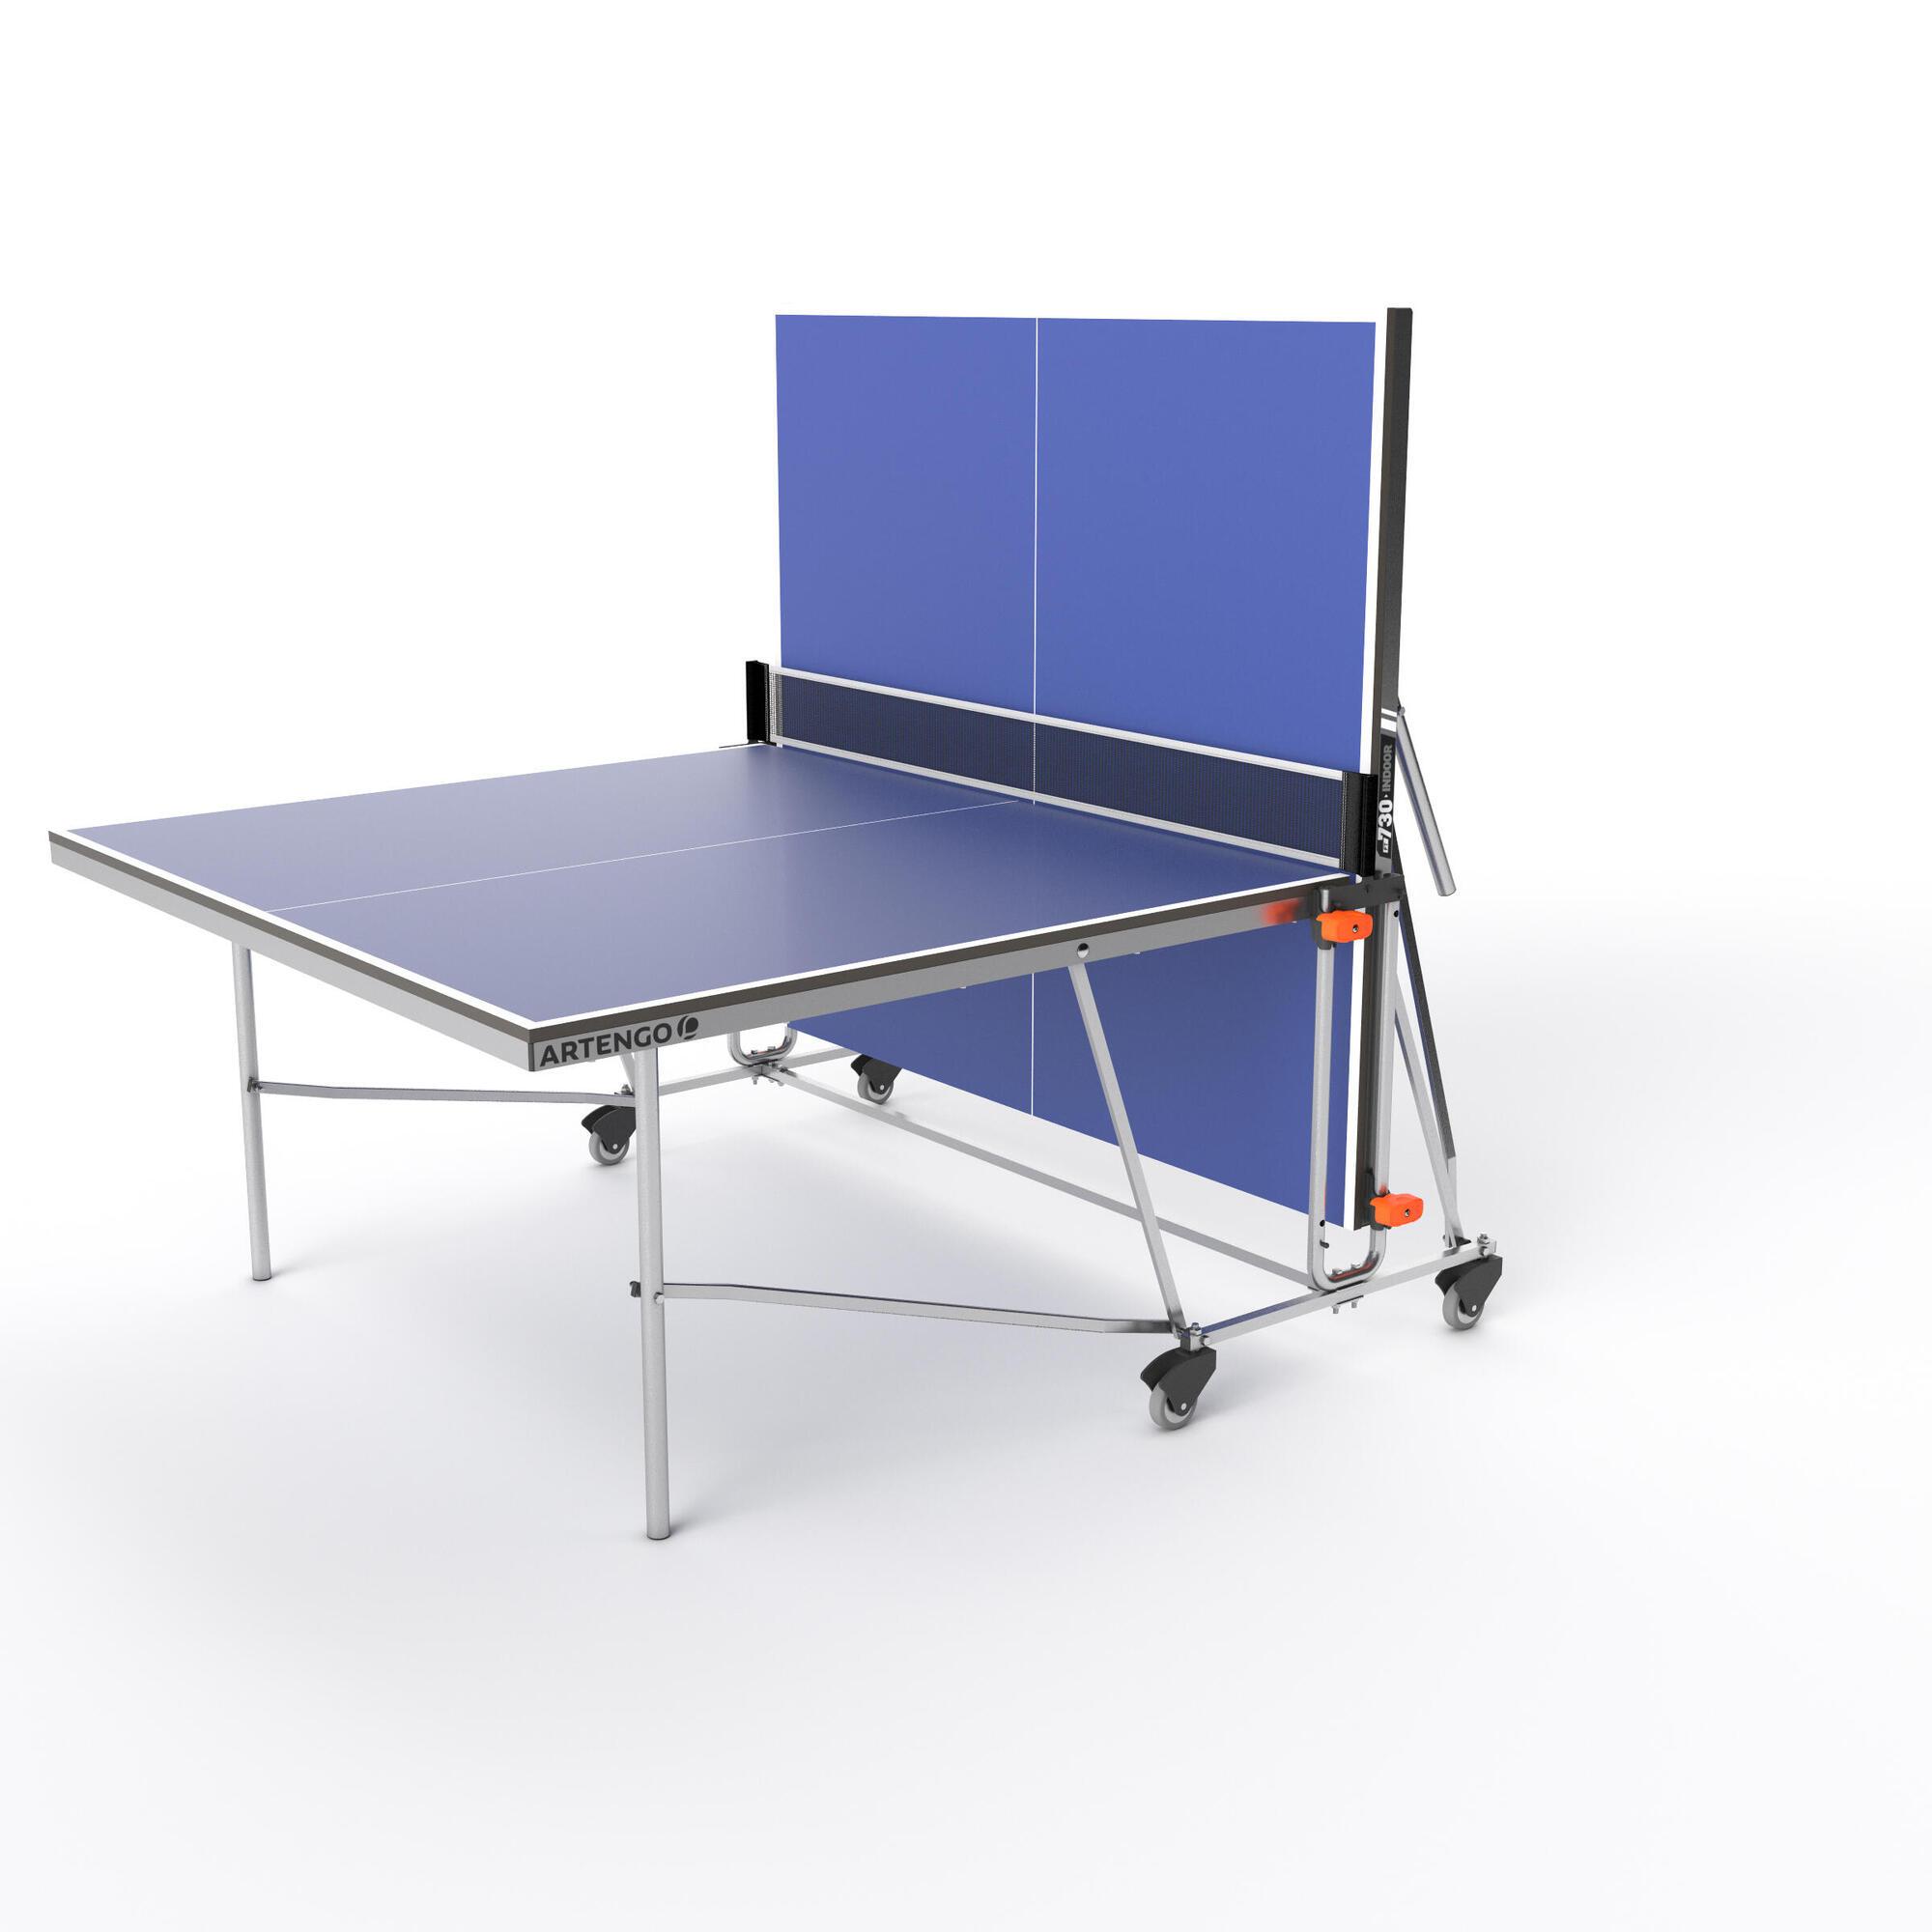 - FT 730 Indoor Free Table Tennis Table Artengo